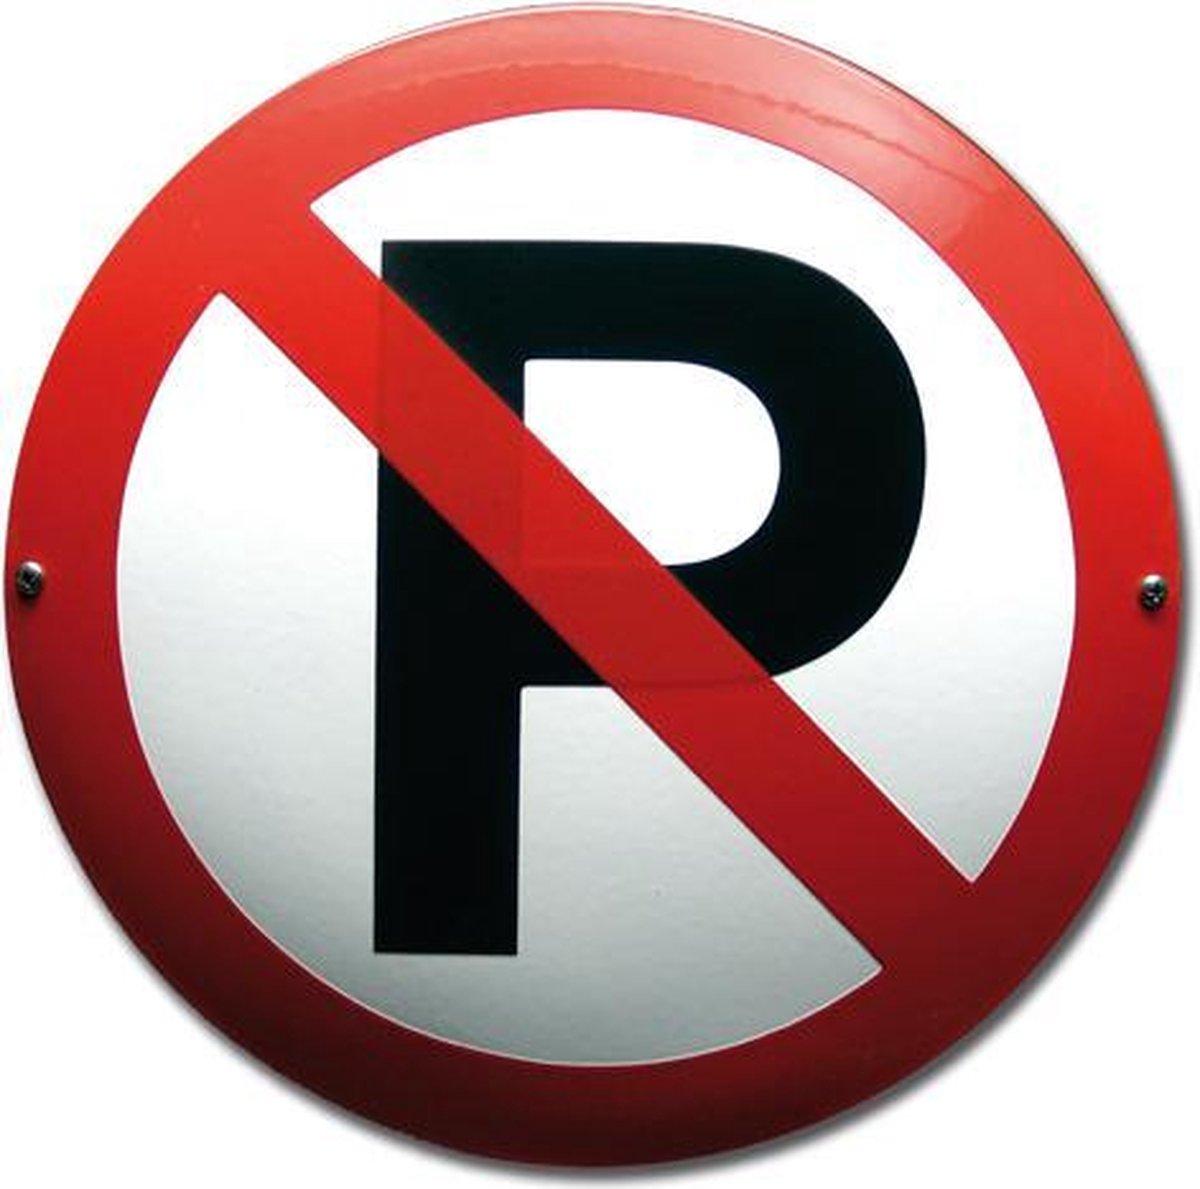 Verboden te Parkeren - EmailleDesign®